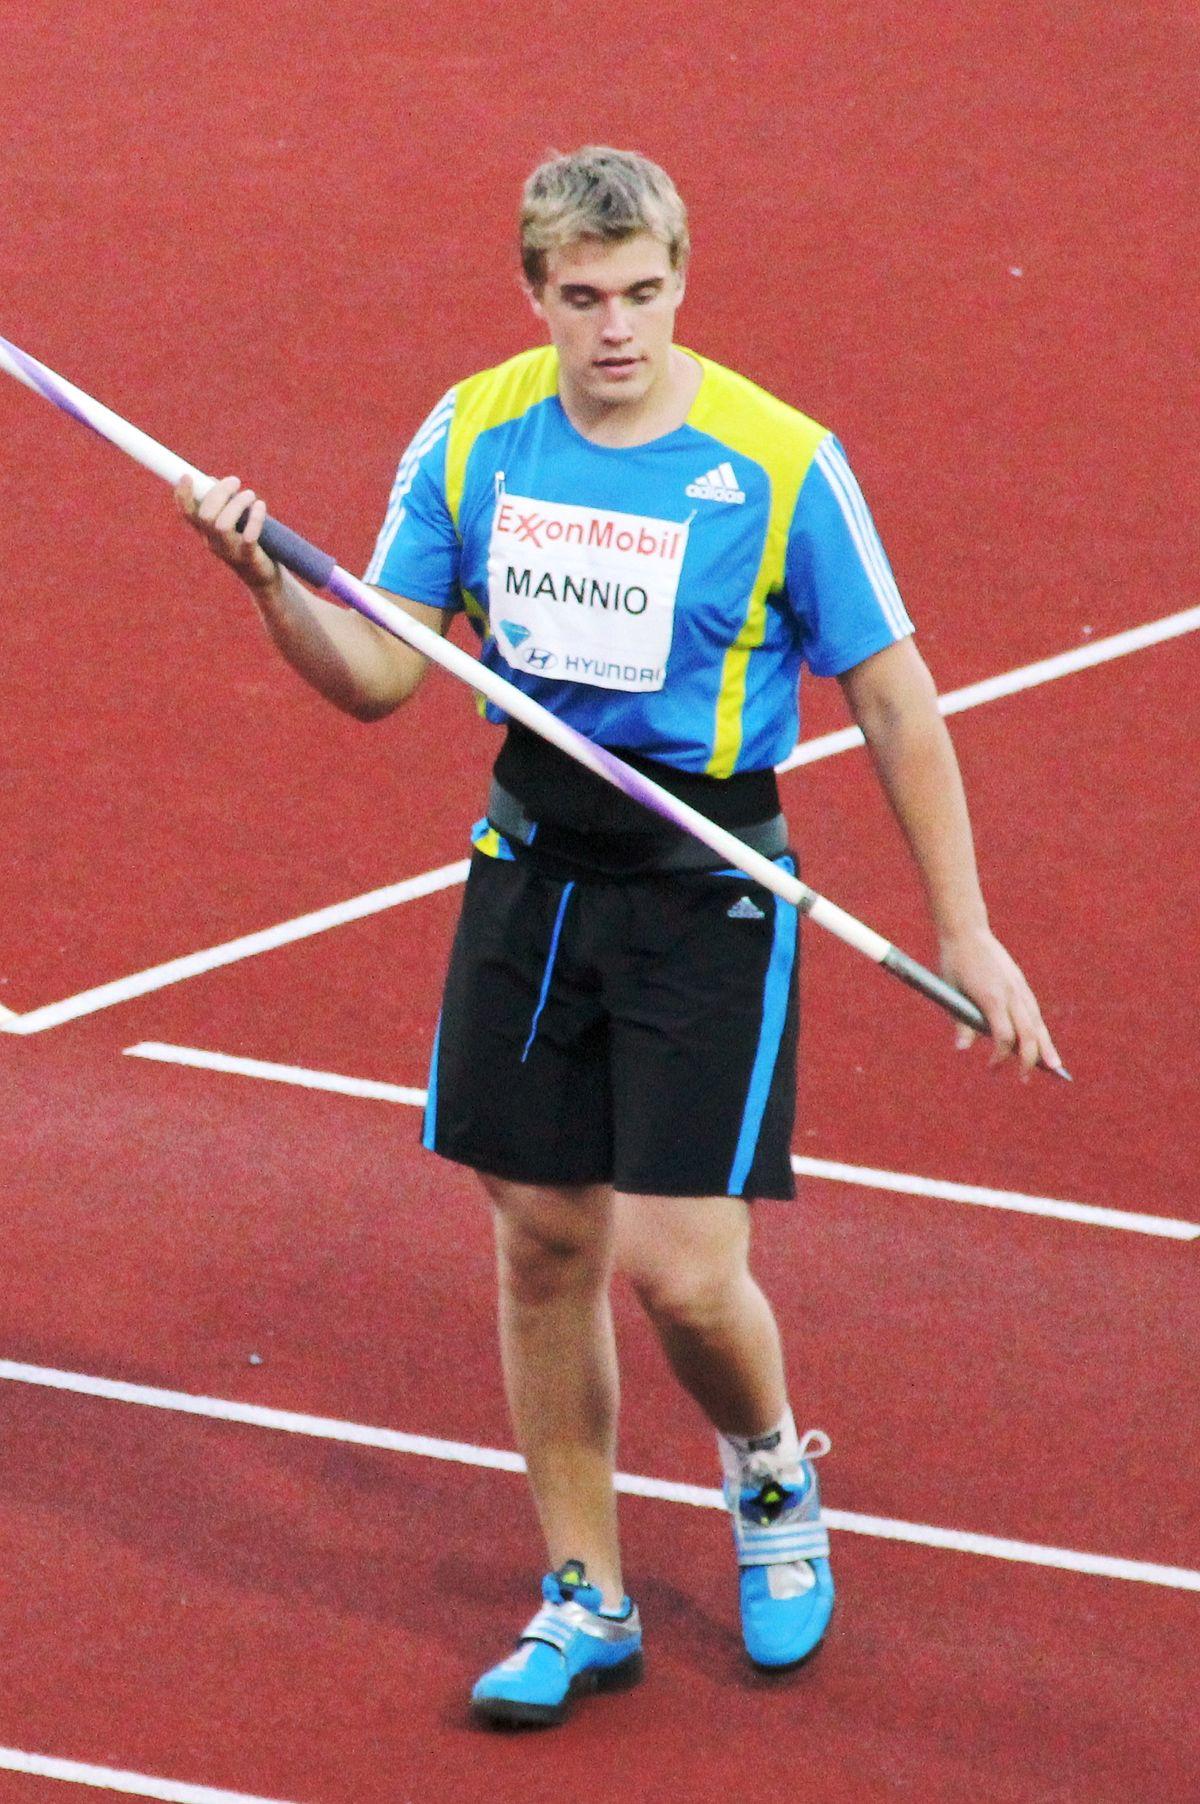 Ari Mannio